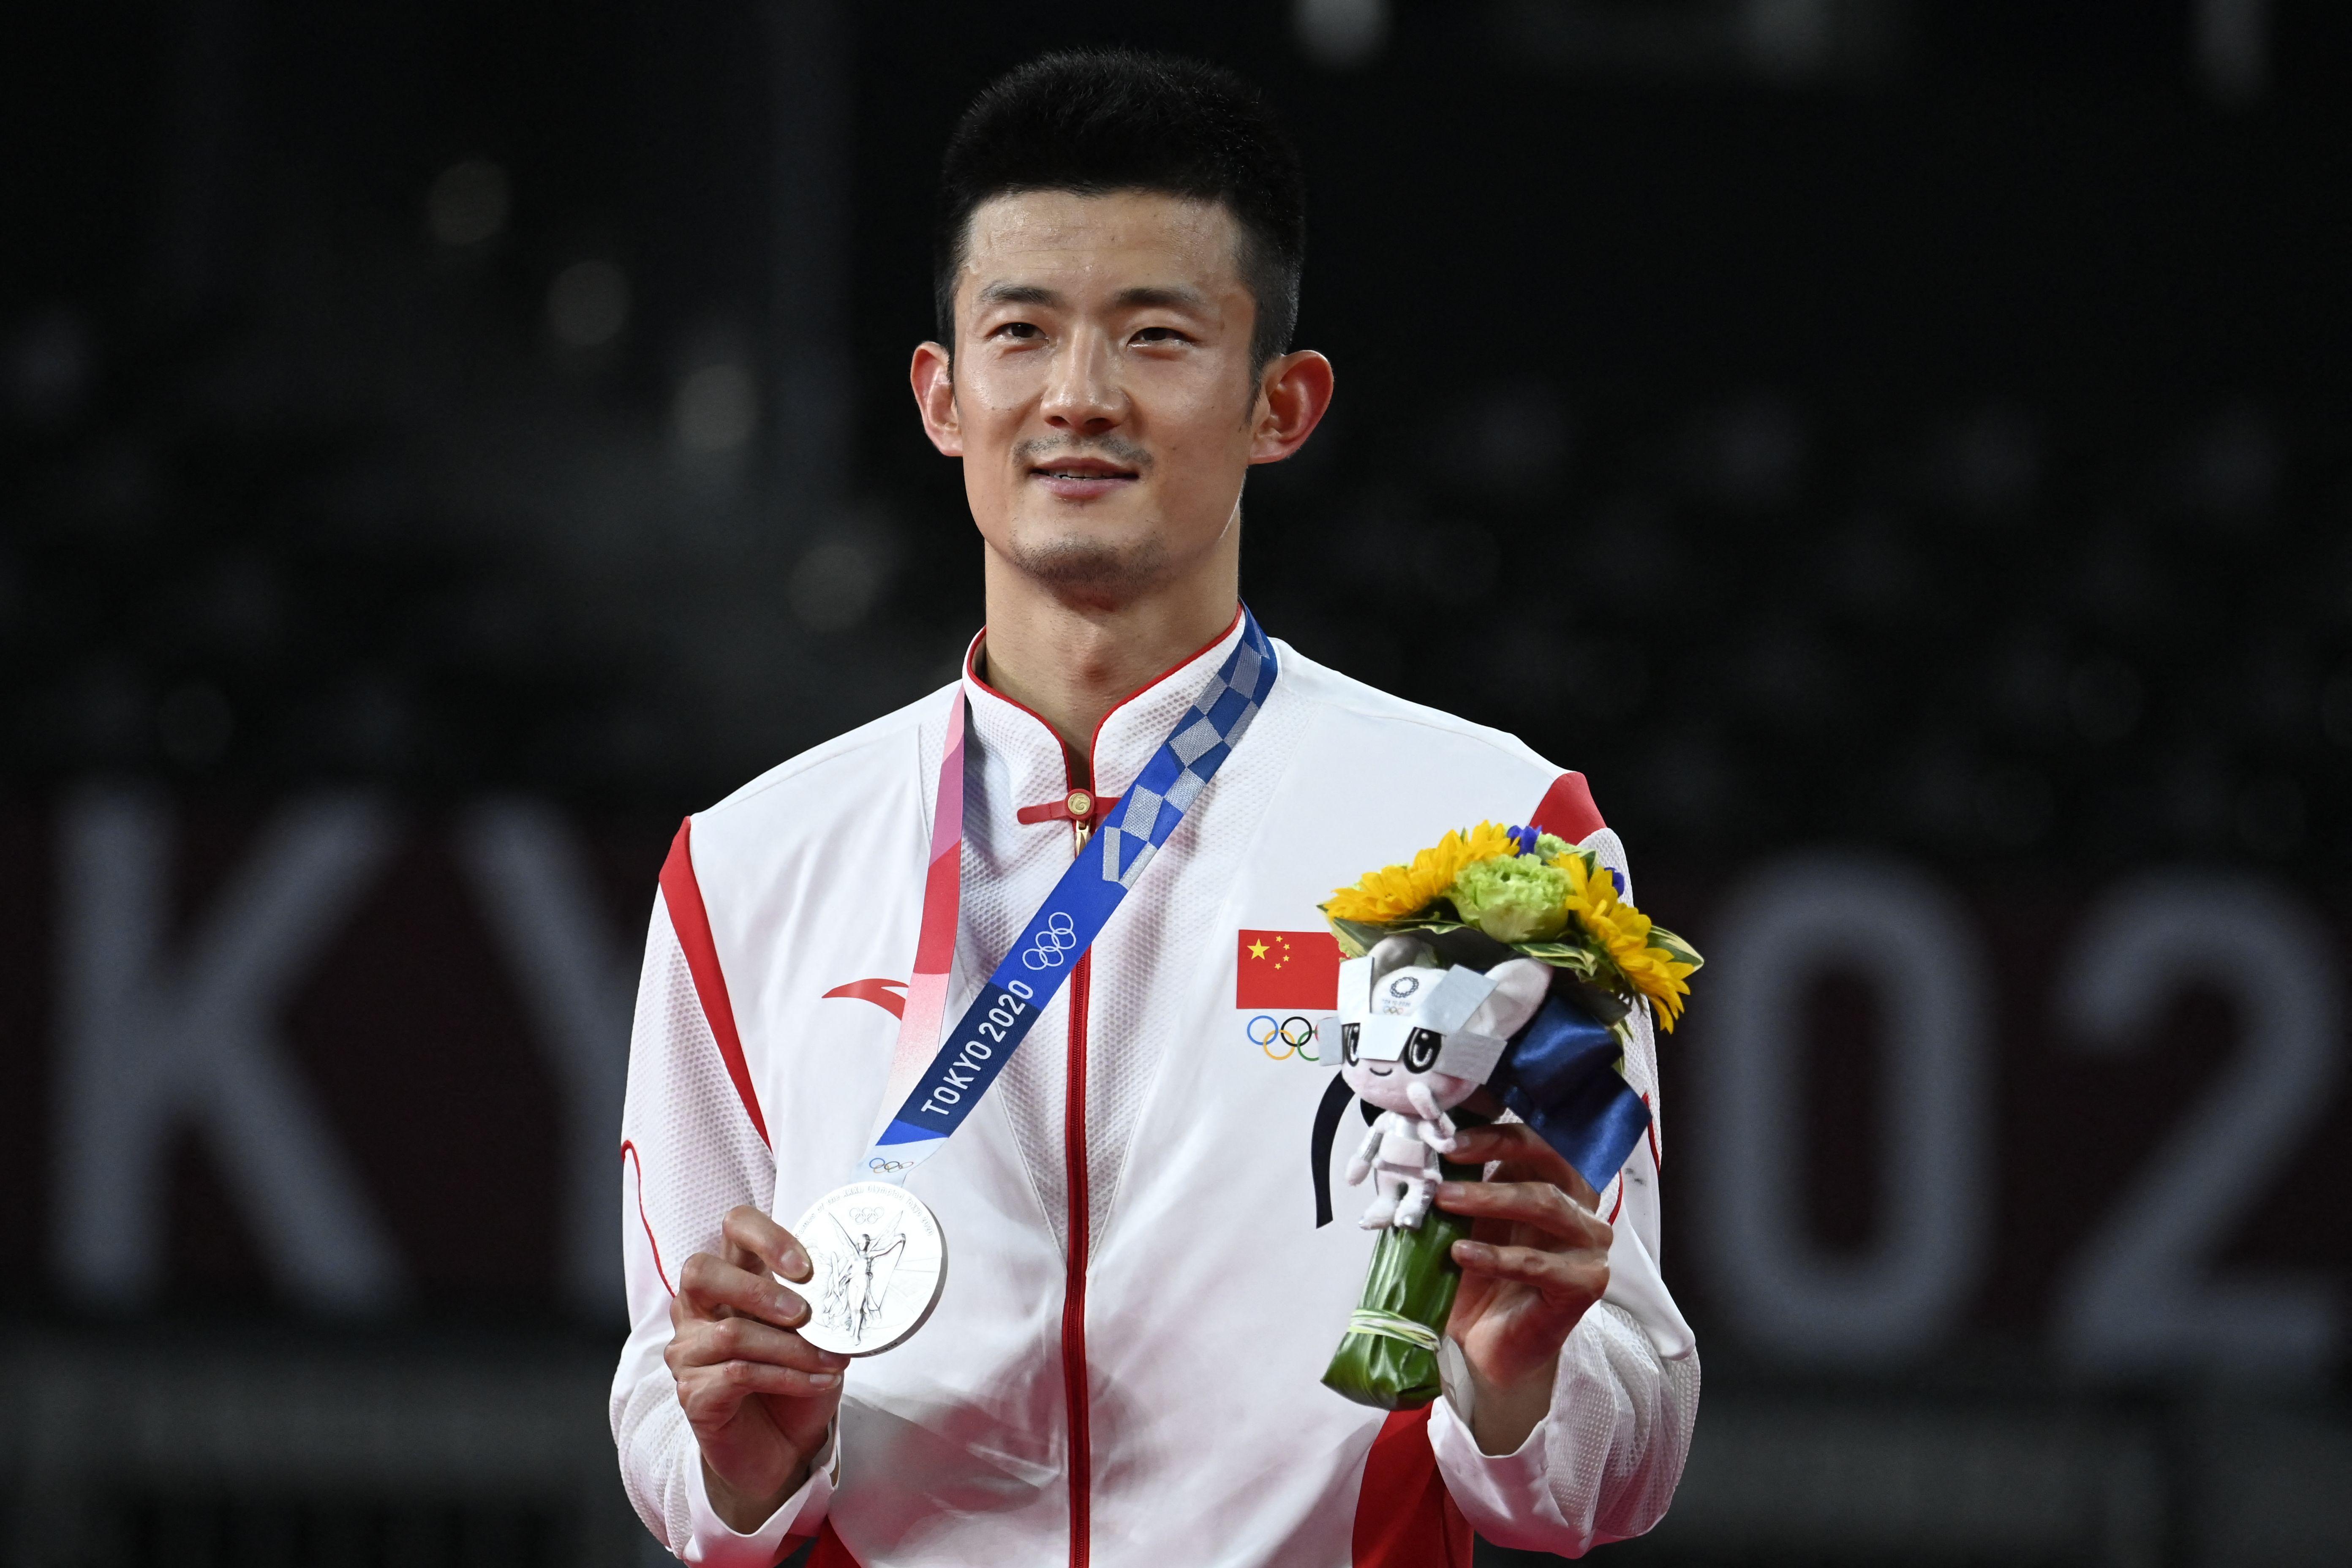 32岁老将谌龙拿下银牌。